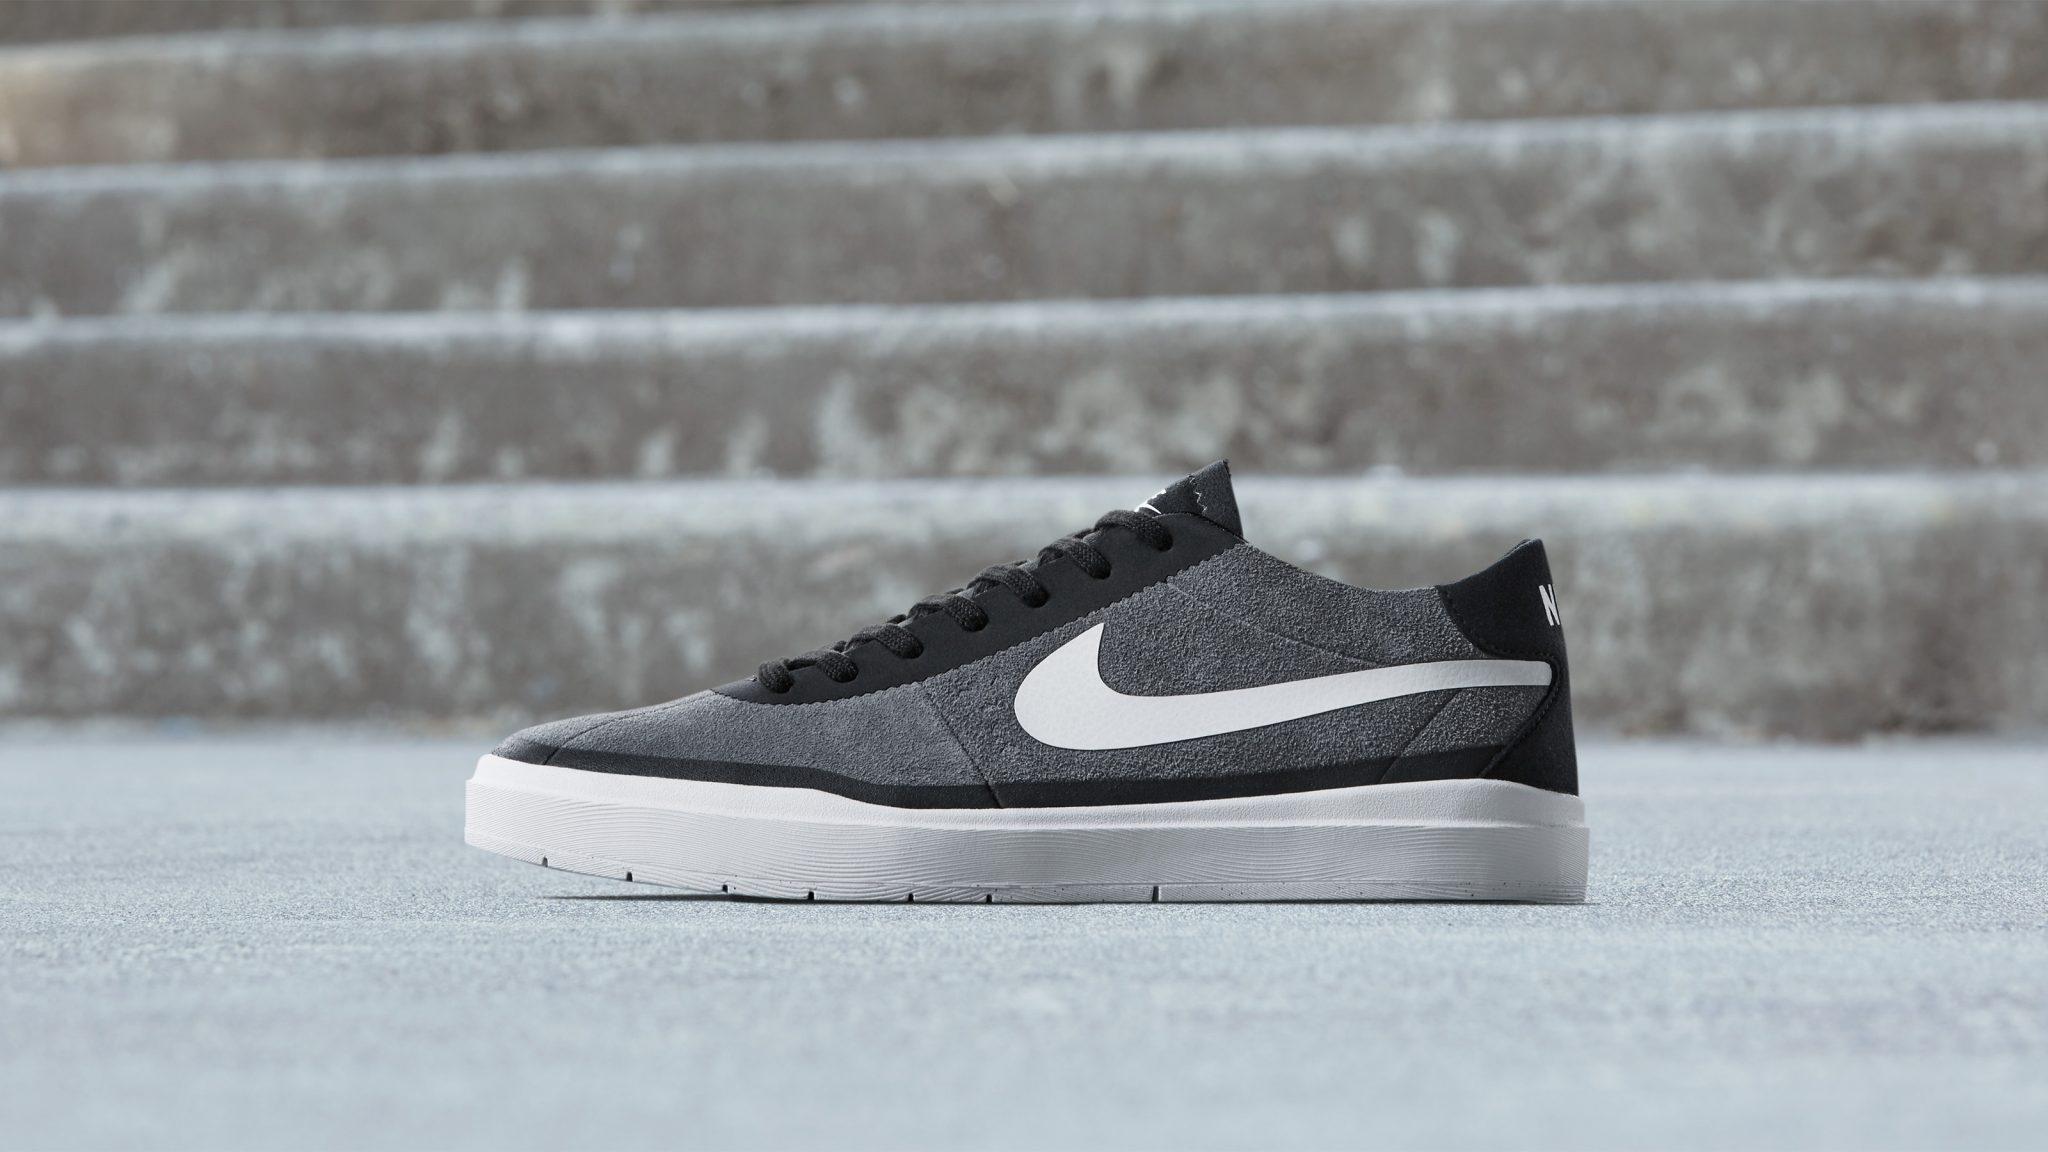 Nike SB czyli nowe kolekcje wiosenne wonline sklep AtamanShop.pl